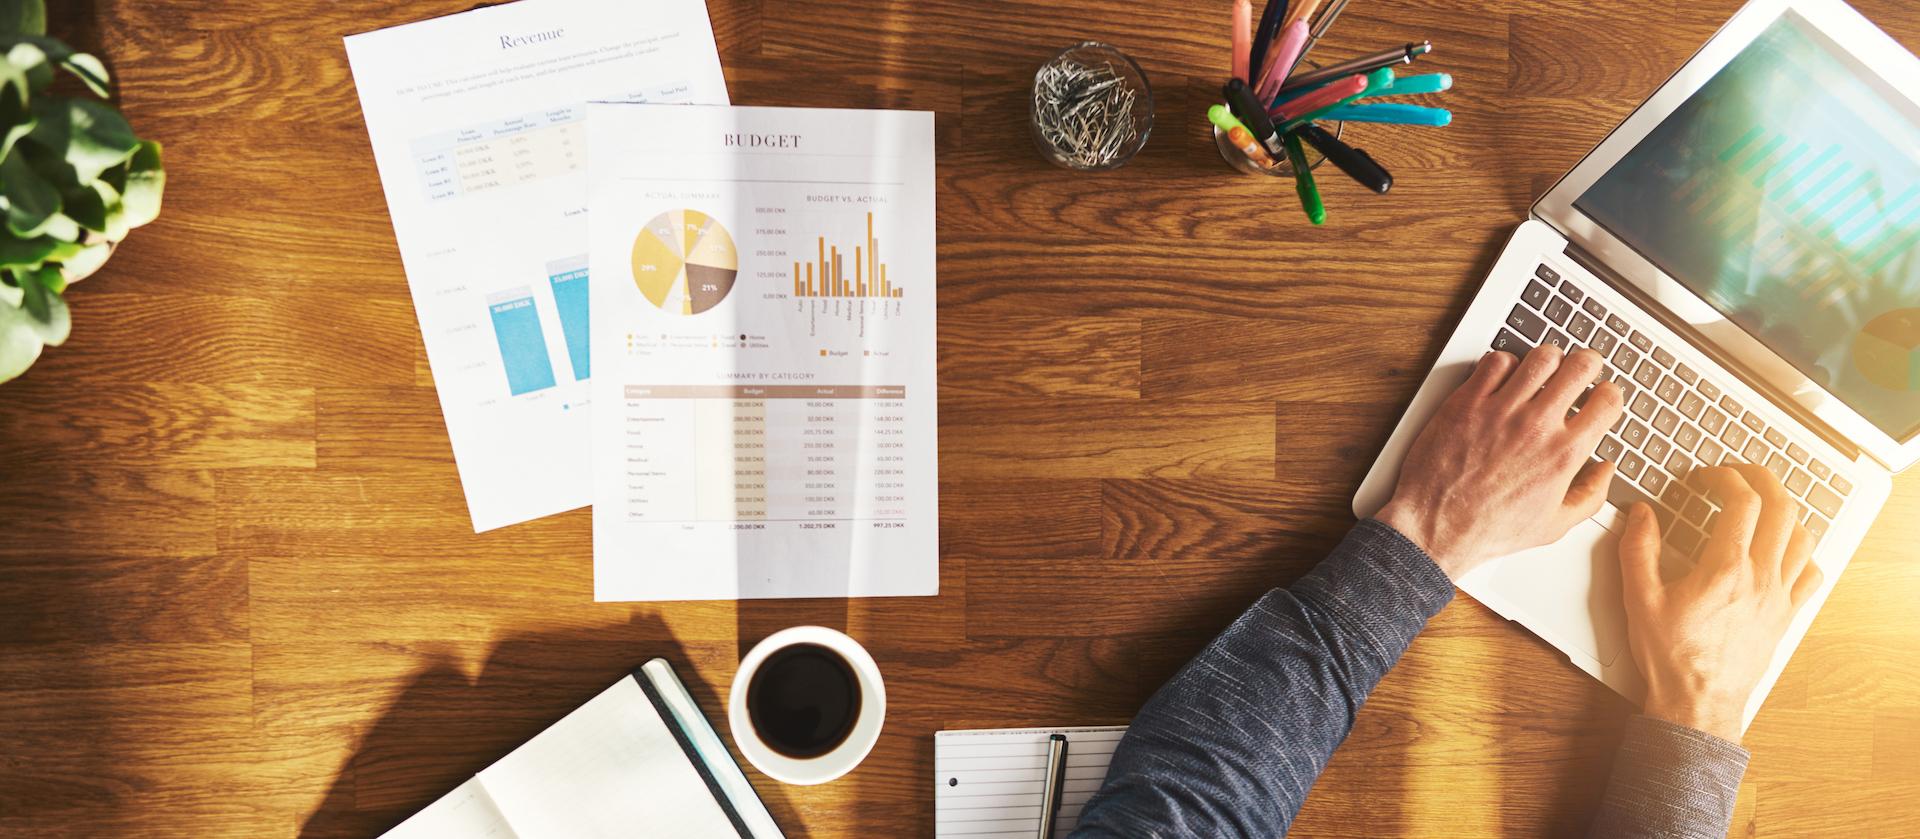 SQLPad – Une application web pour lancer vos requêtes SQL et visualiser les résultats sous la forme de graphiques